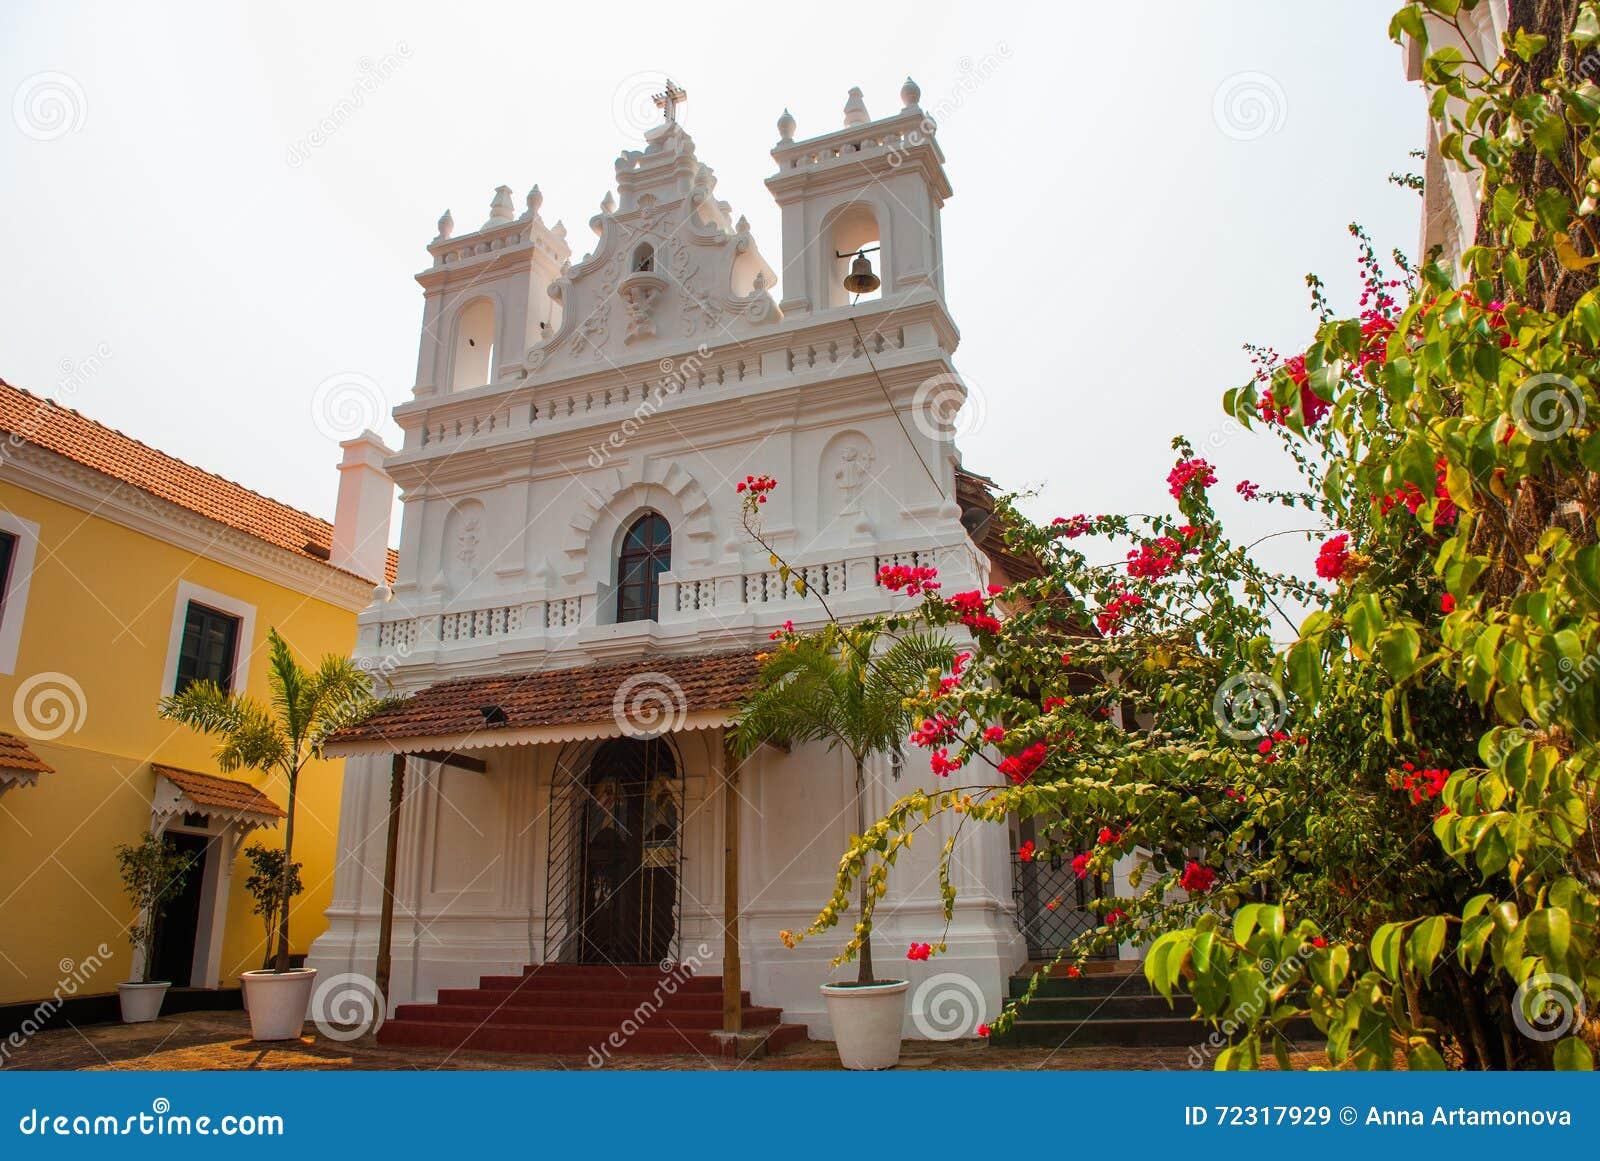 Fort Tiracol Katholische Kathedrale auf dem Hintergrund von roten Blumen goa Indien